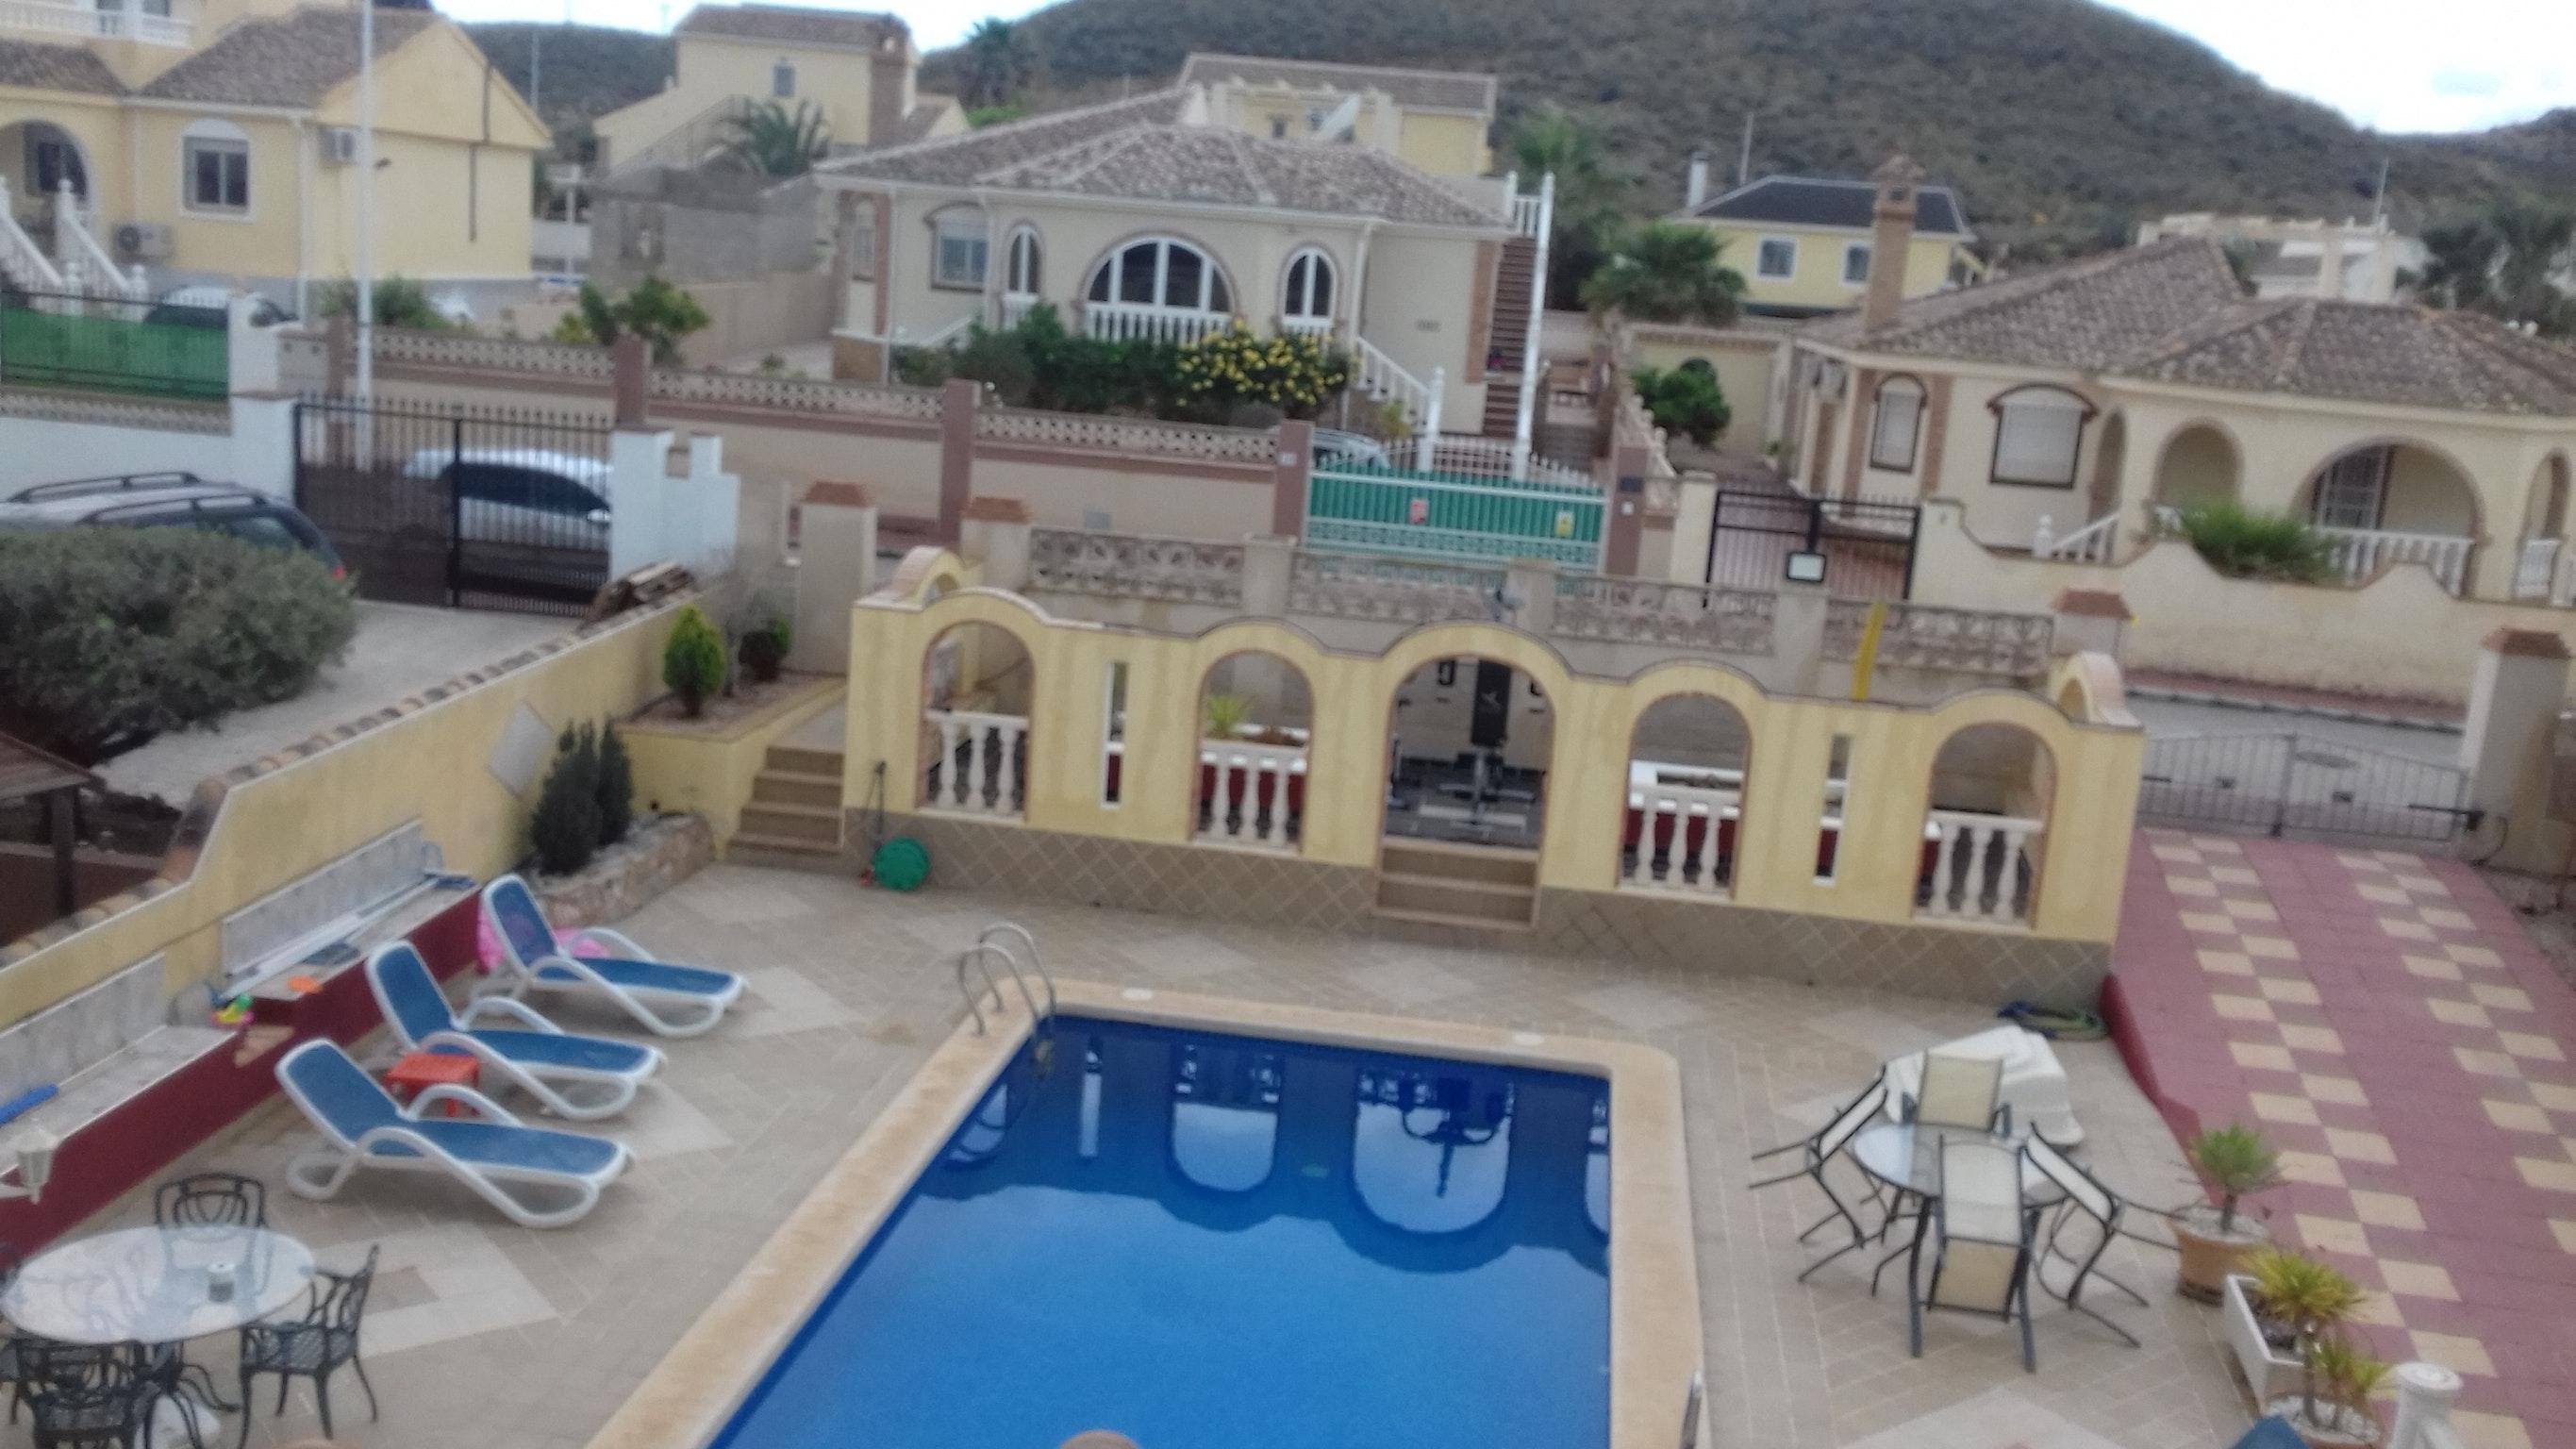 Maison de vacances Villa mit 2 Schlafzimmern in Mazarrón mit toller Aussicht auf die Berge, privatem Pool, ei (2632538), Mazarron, Costa Calida, Murcie, Espagne, image 45